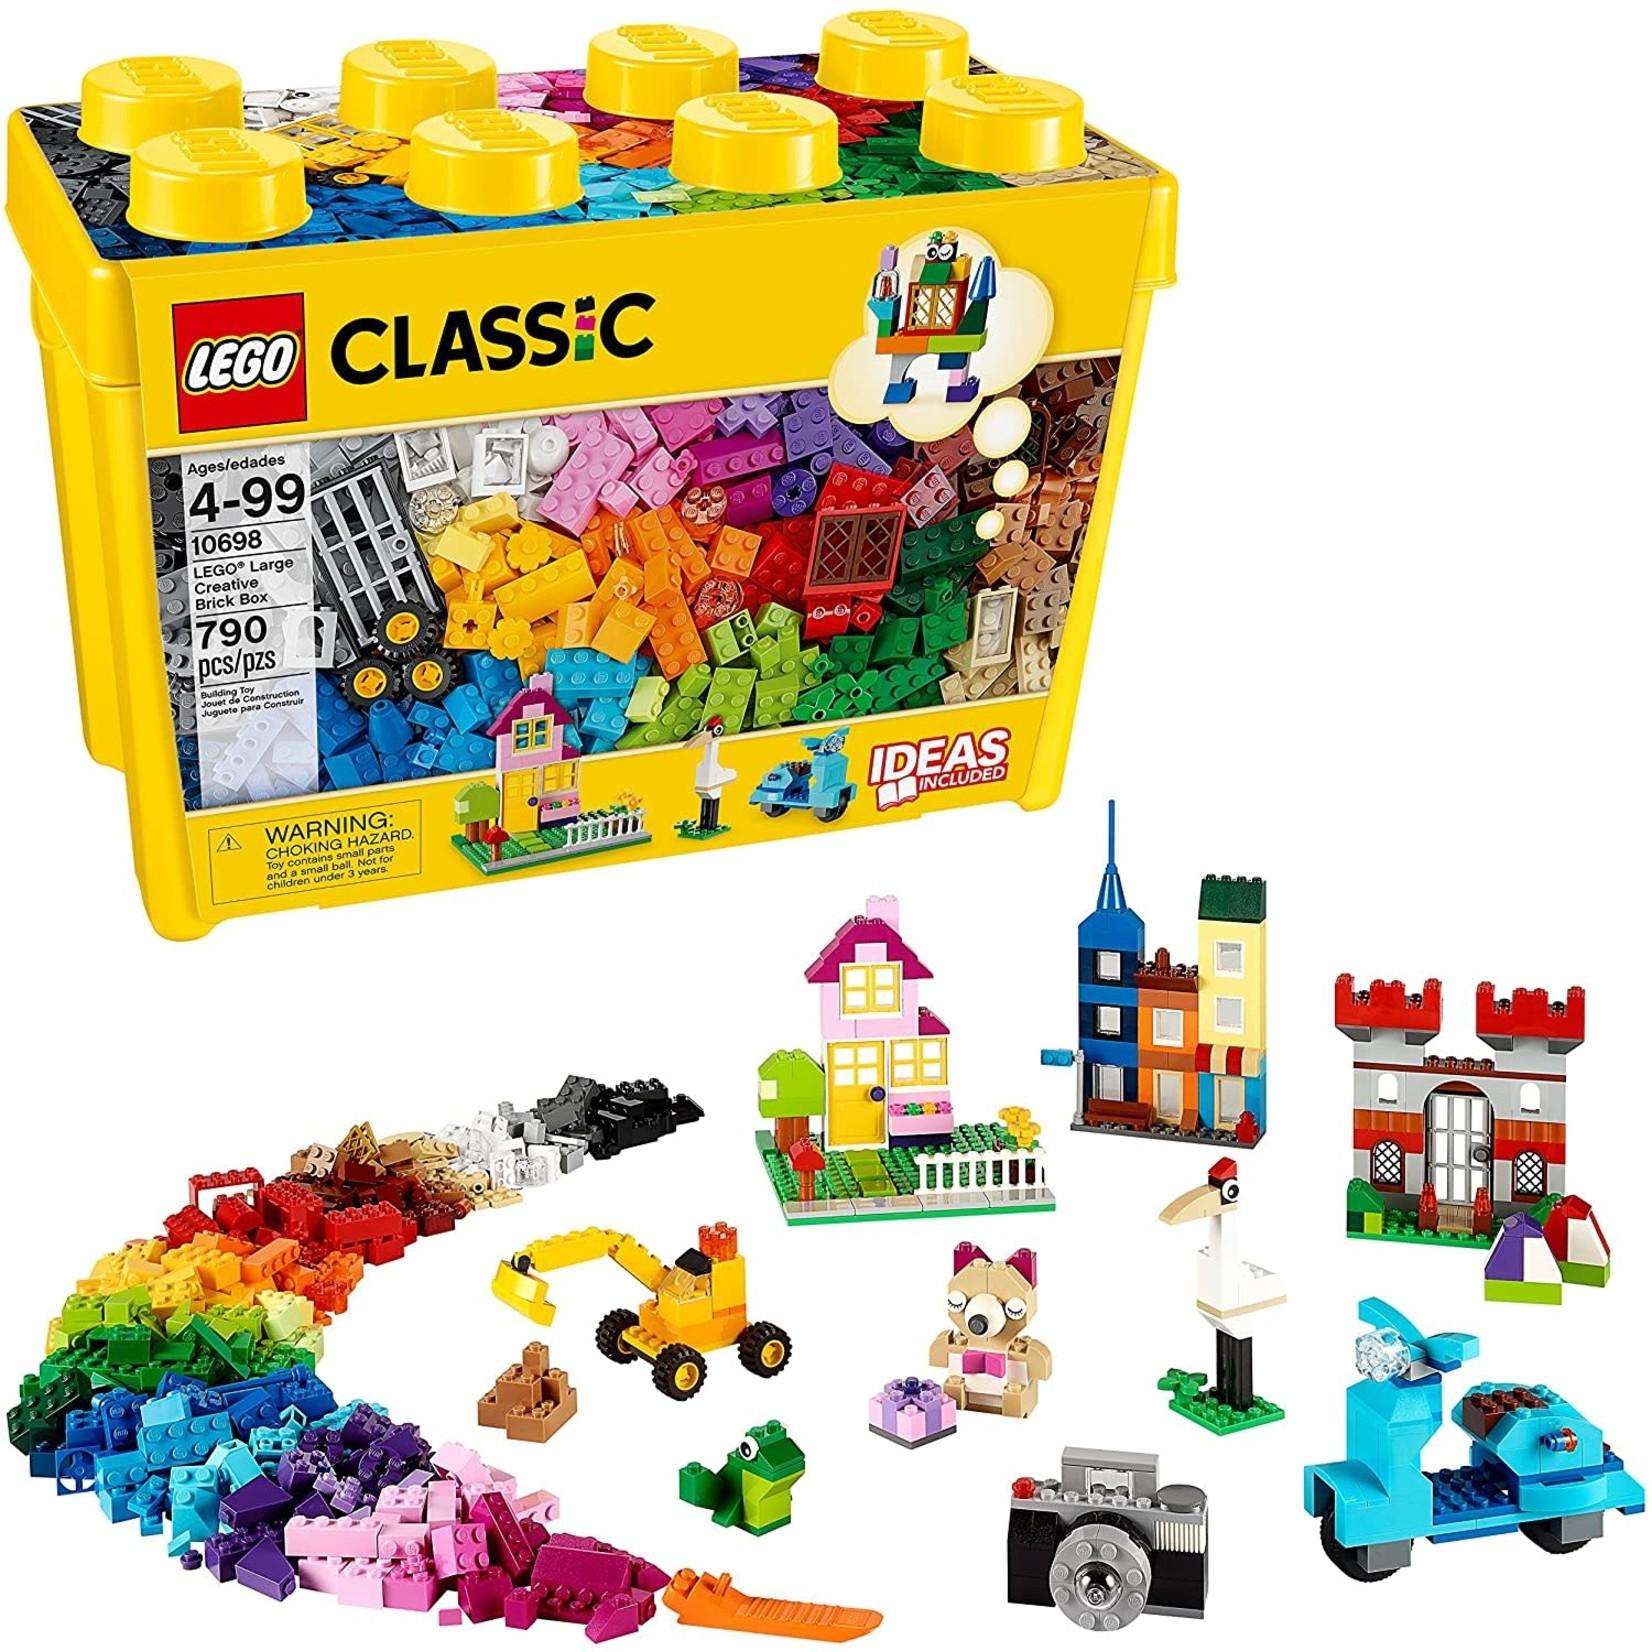 LEGO Lego Large Creative Brick Box (#10698)